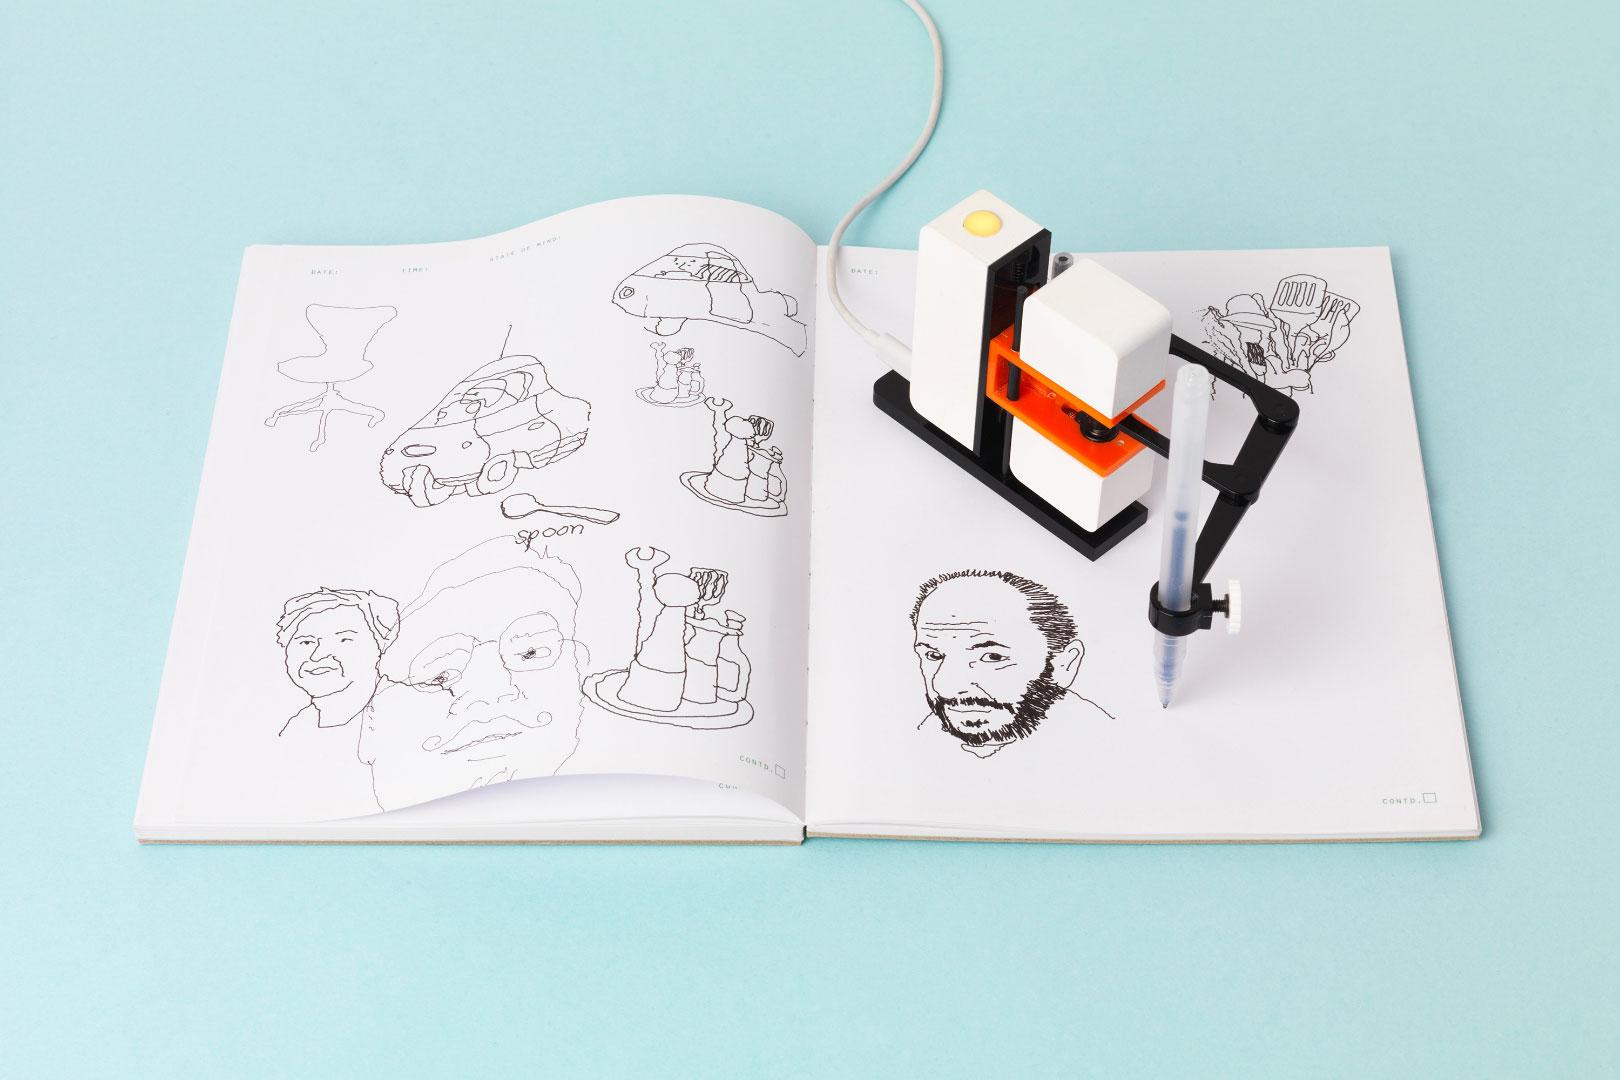 Dieser Roboter-Arm zeichnet deine Bilder: Line-us, die Zeichenmaschine